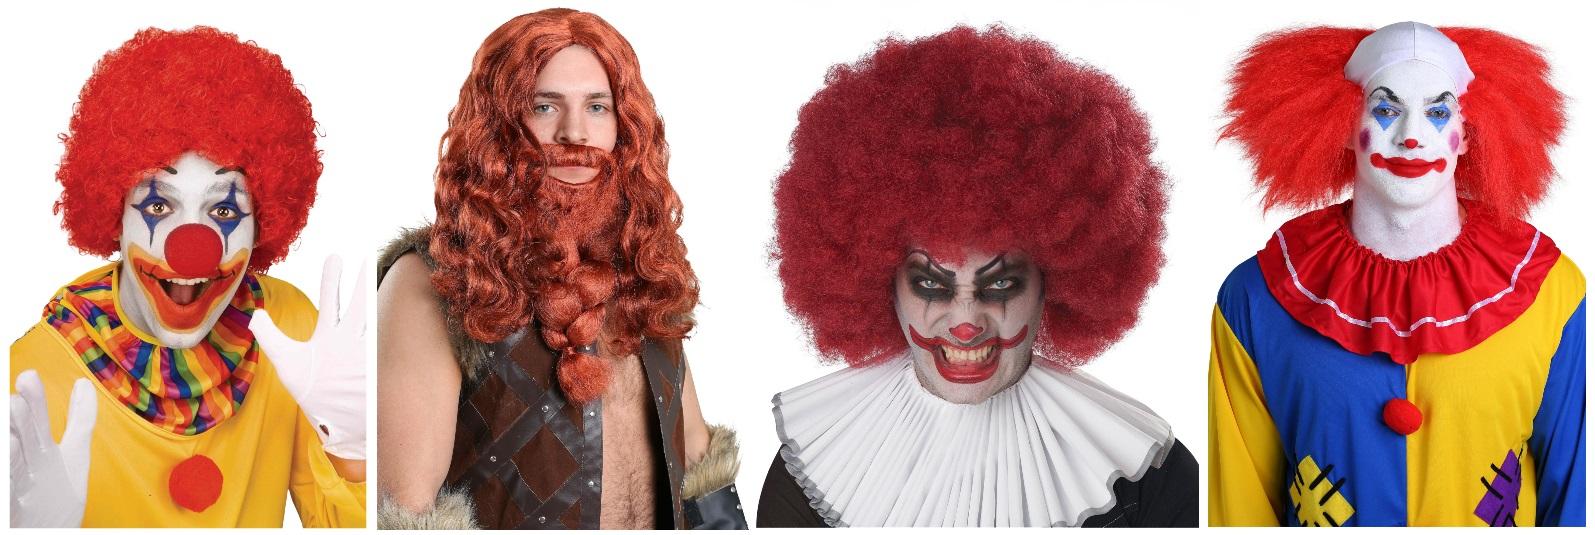 Men's Red Wigs